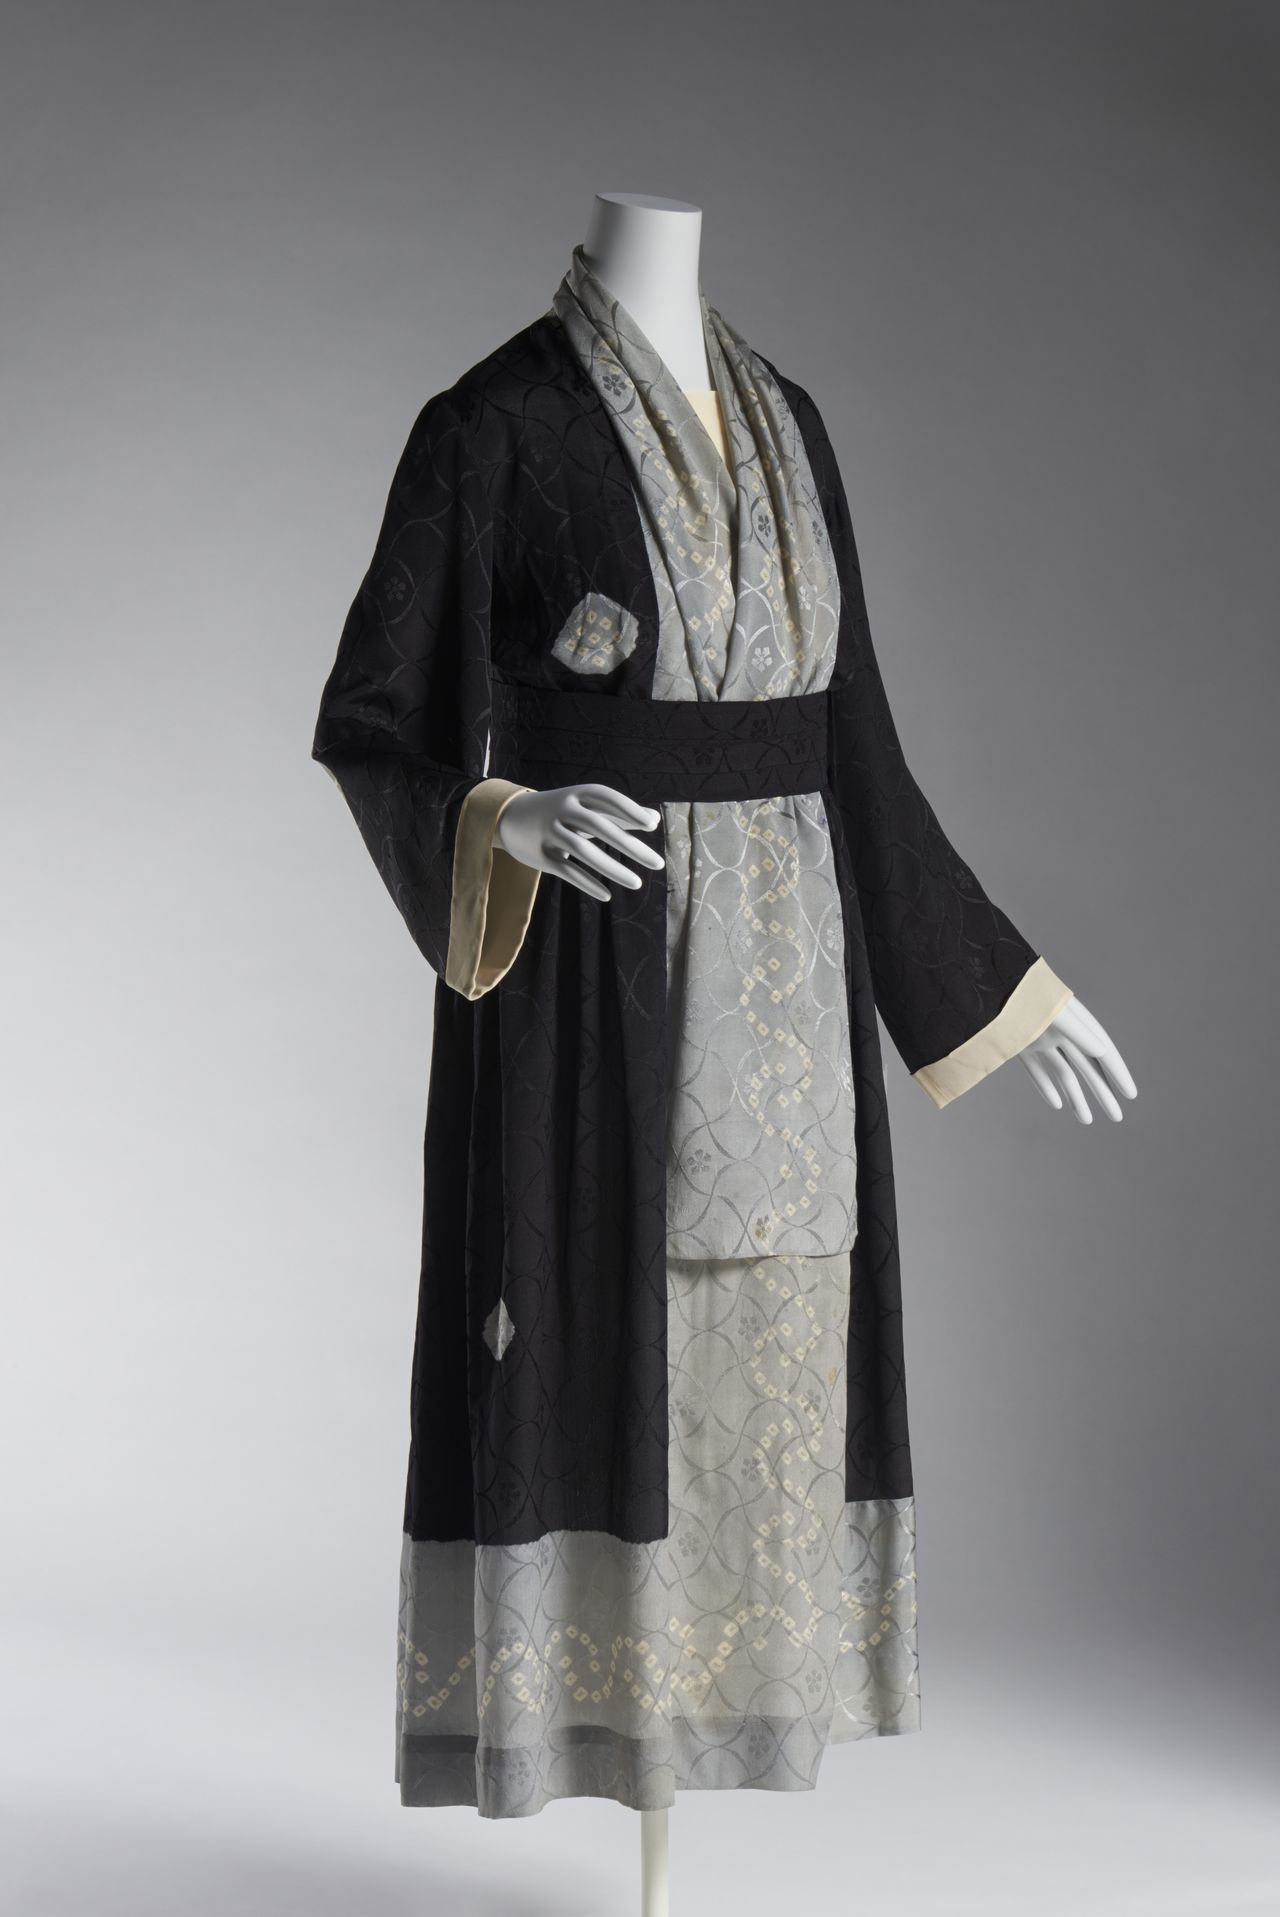 Платье Поля Пуаре, 1920-е годы. Фото Хаяси Масаюки. (© Киотский институт костюма)